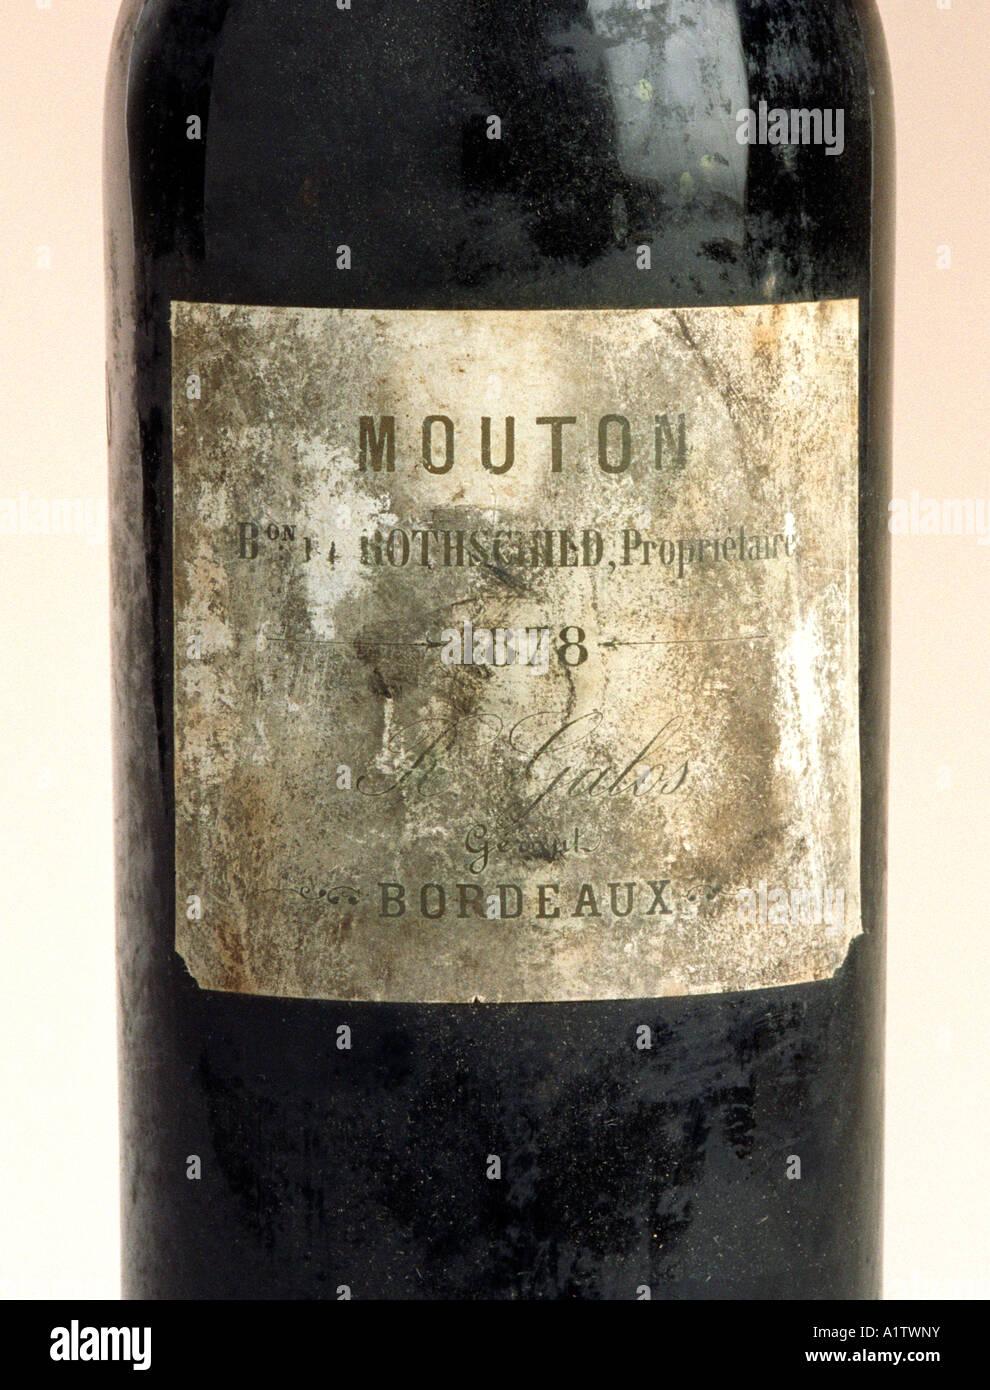 L'etichetta su una molto rara bottiglia di 1878 Mouton Rothschild vini rossi provenienti dalla regione di Bordeaux Immagini Stock